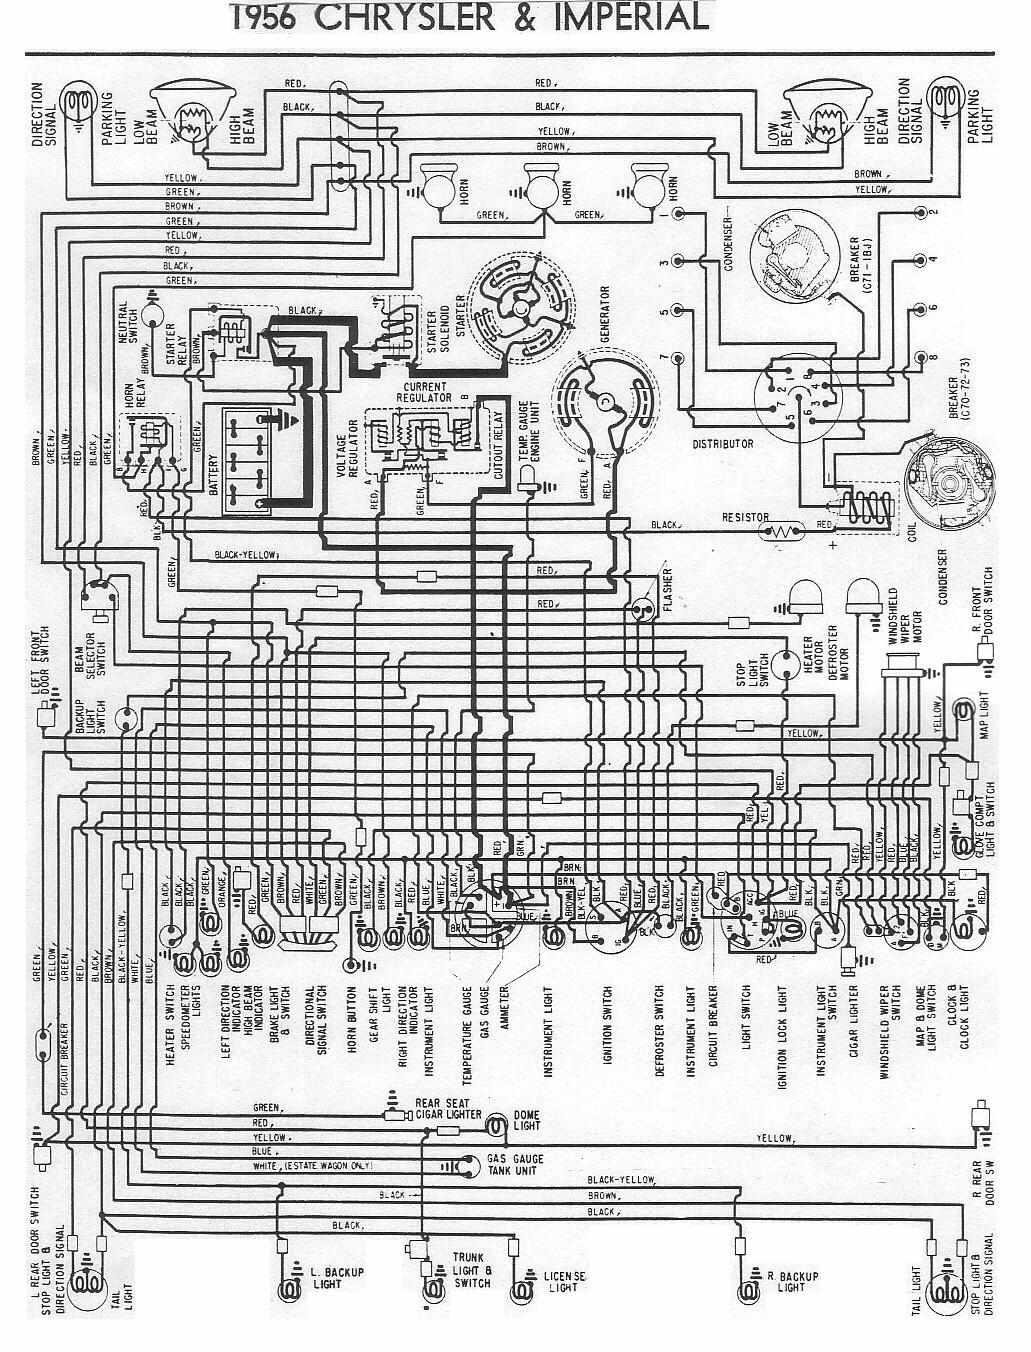 Electrical Bwiring Bdiagrams Bof B Bchrysler Band Bimperial on Electric Motor Starter Wiring Diagram